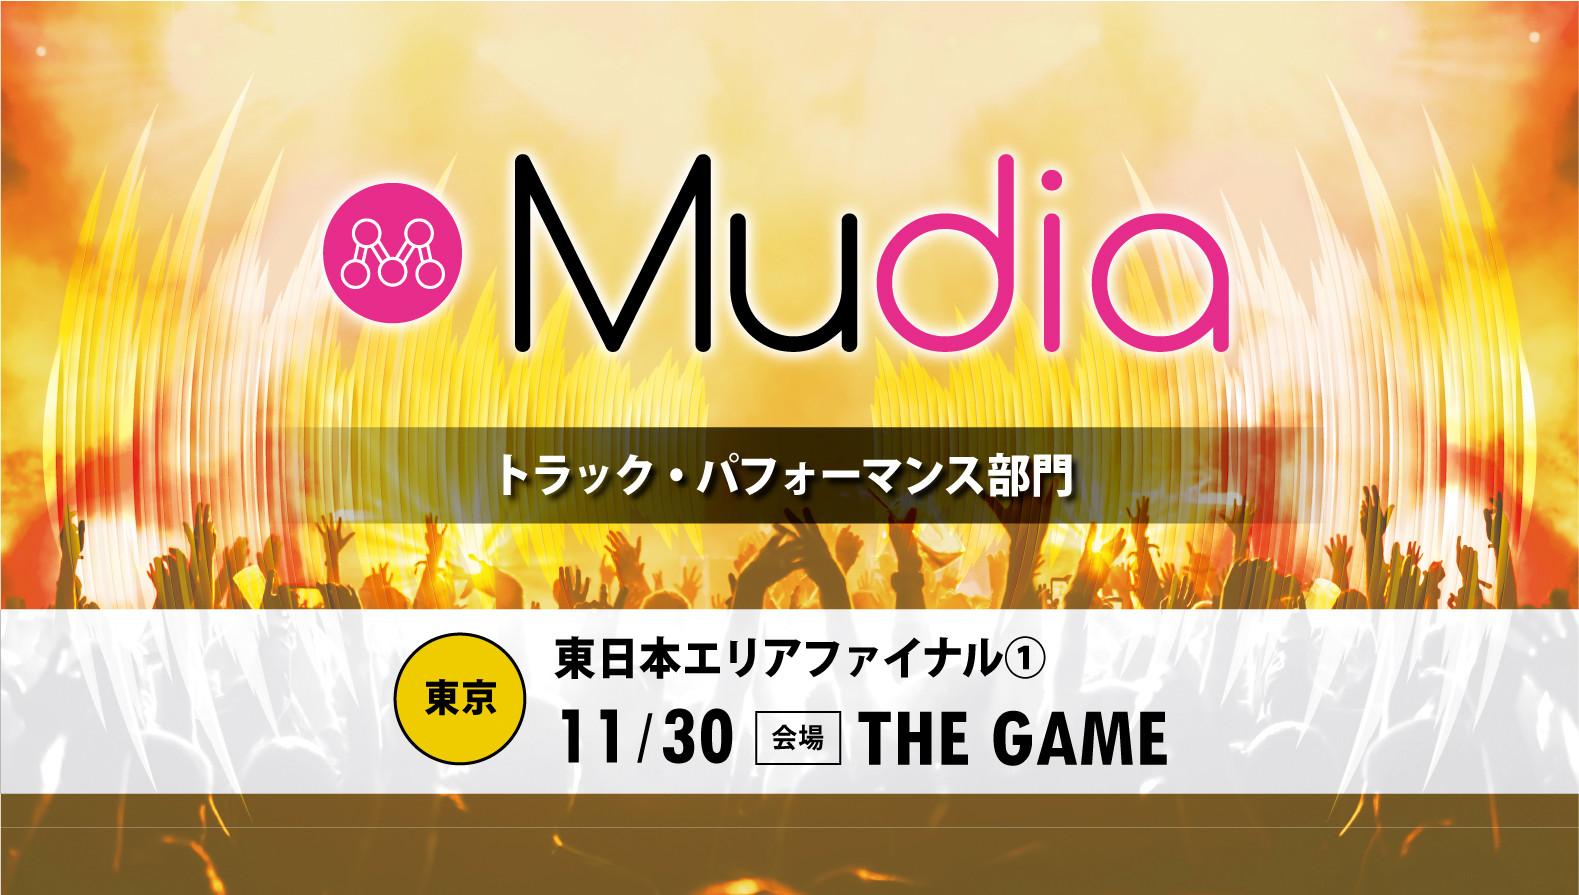 Mudia(トラック・パフォーマンス部門)「東日本セミファイナル グループ①」